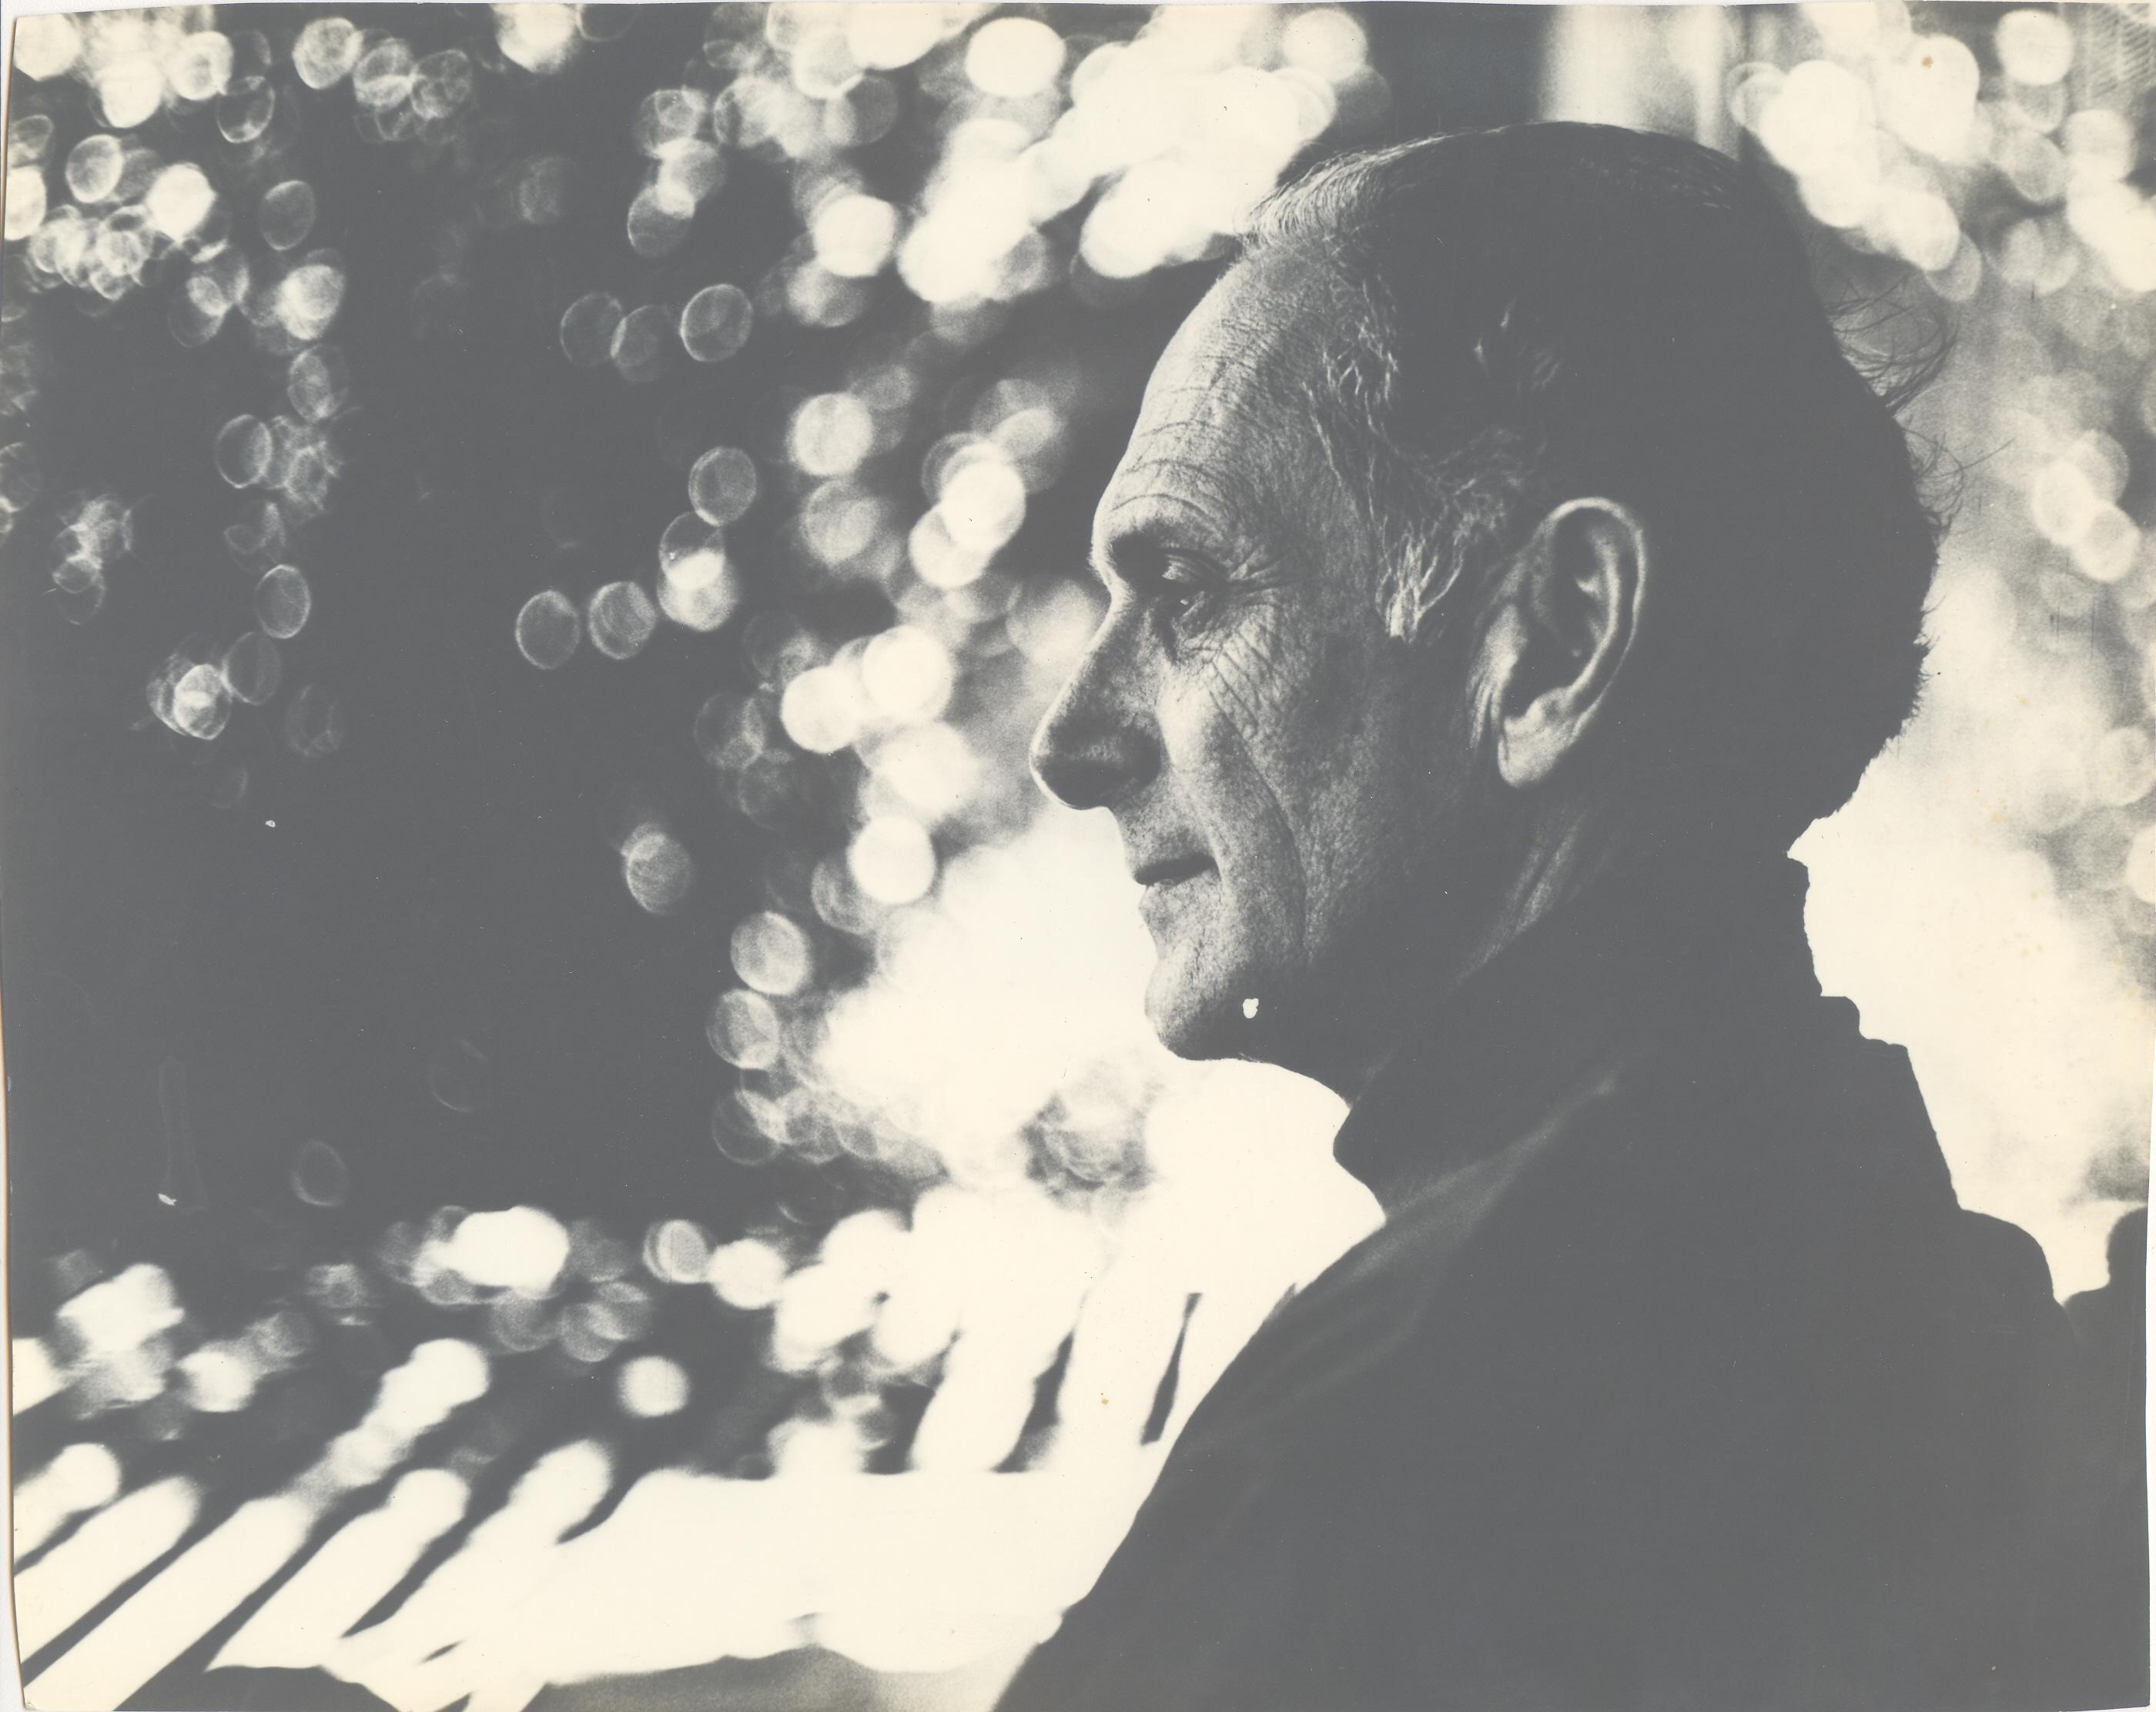 Lloyd Ruocco